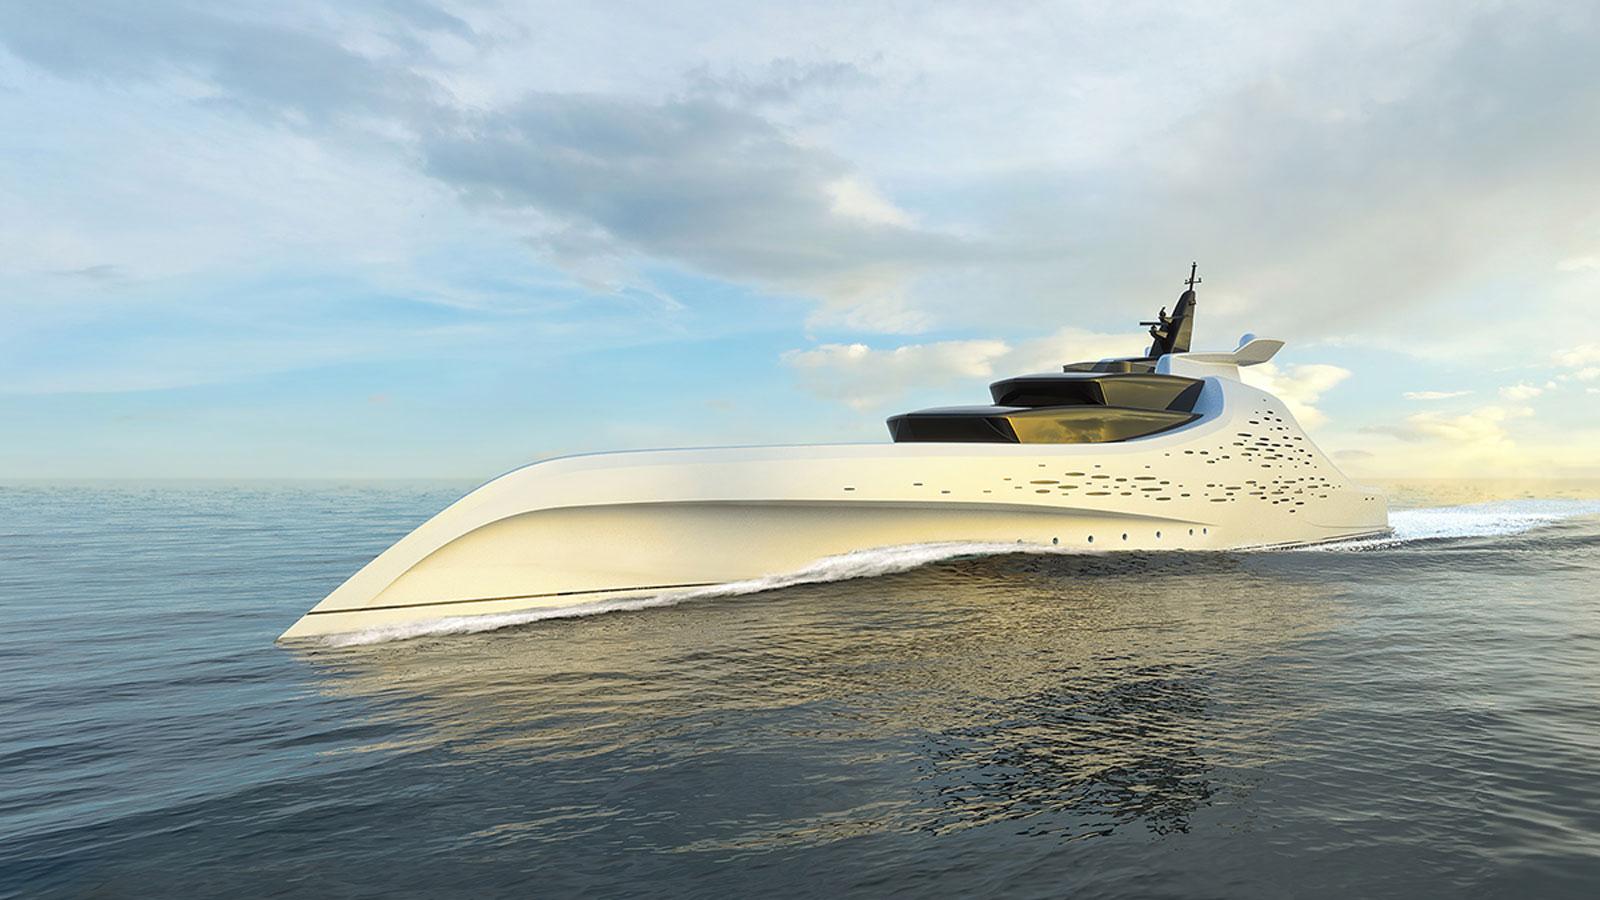 ZeRo hydrogen-powered concept